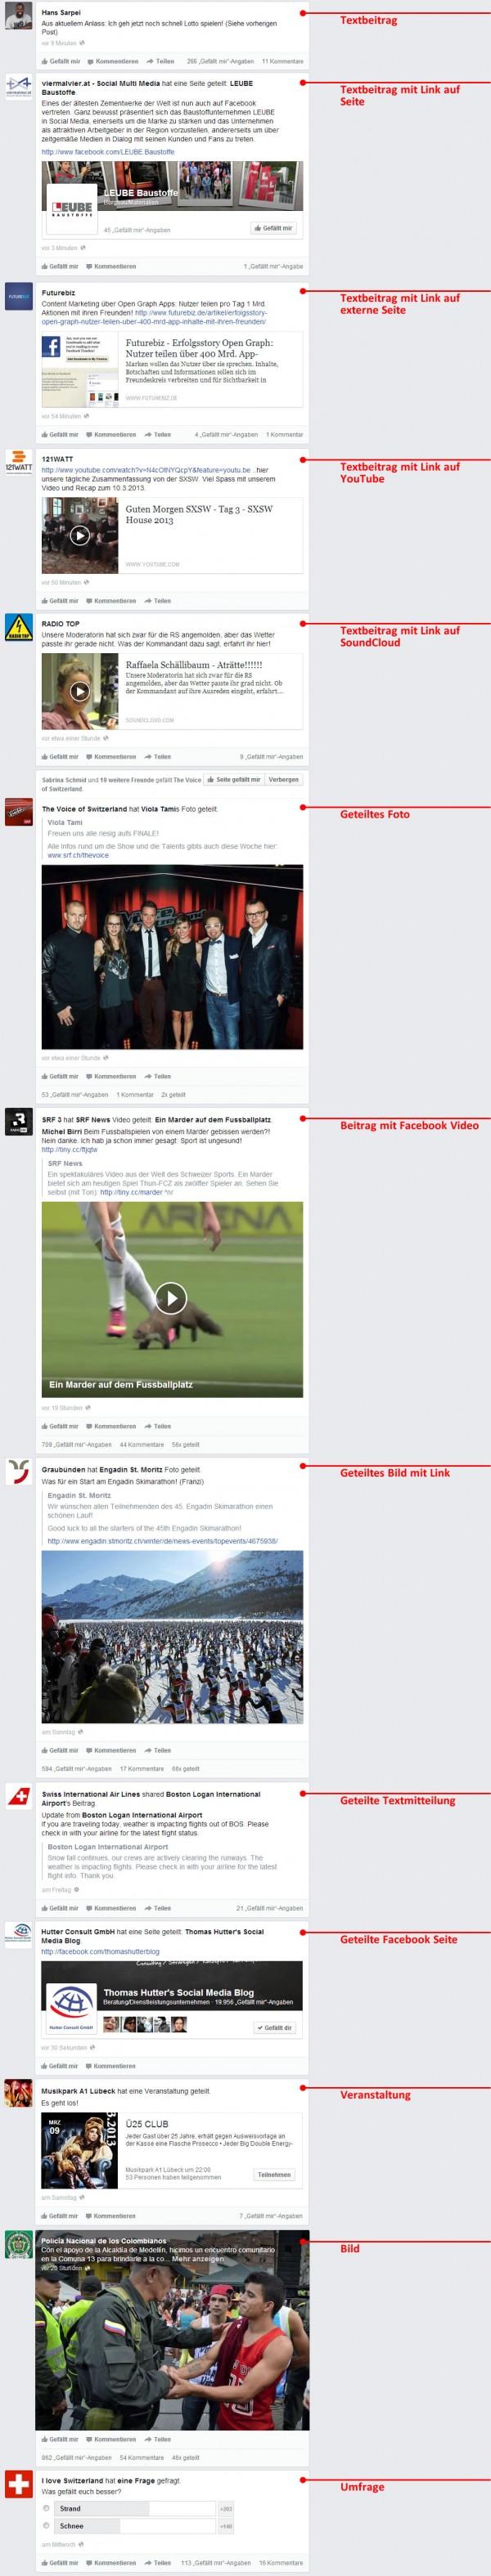 Posttypen von Seiten im neuen News Feed